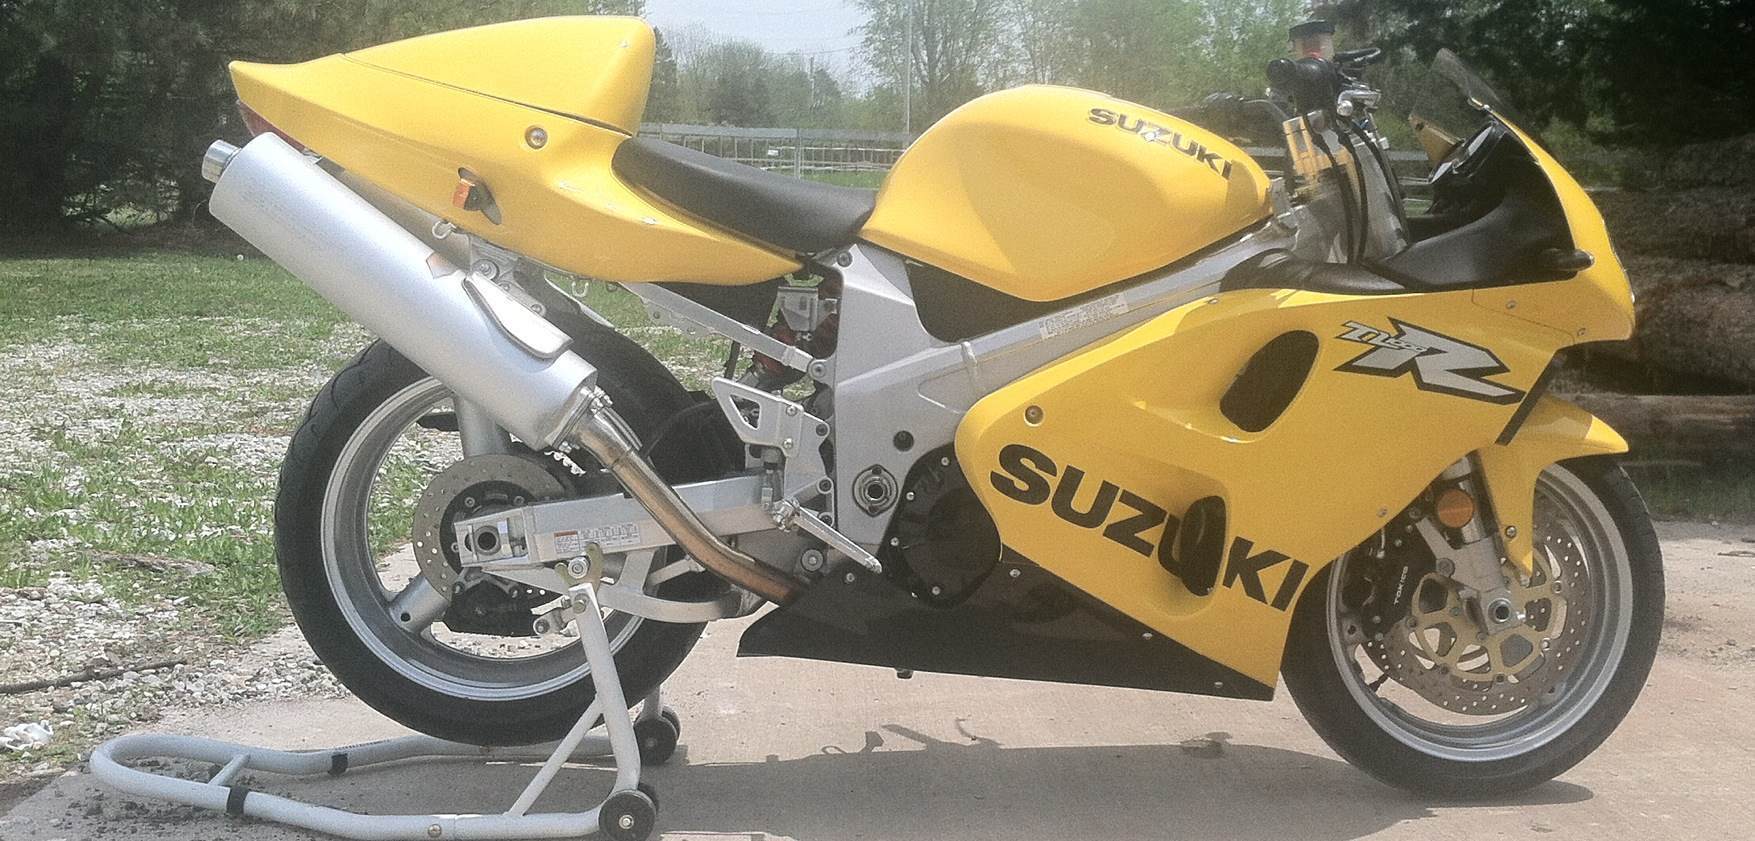 2001 Suzuki Tl1000r For Sale Ohio